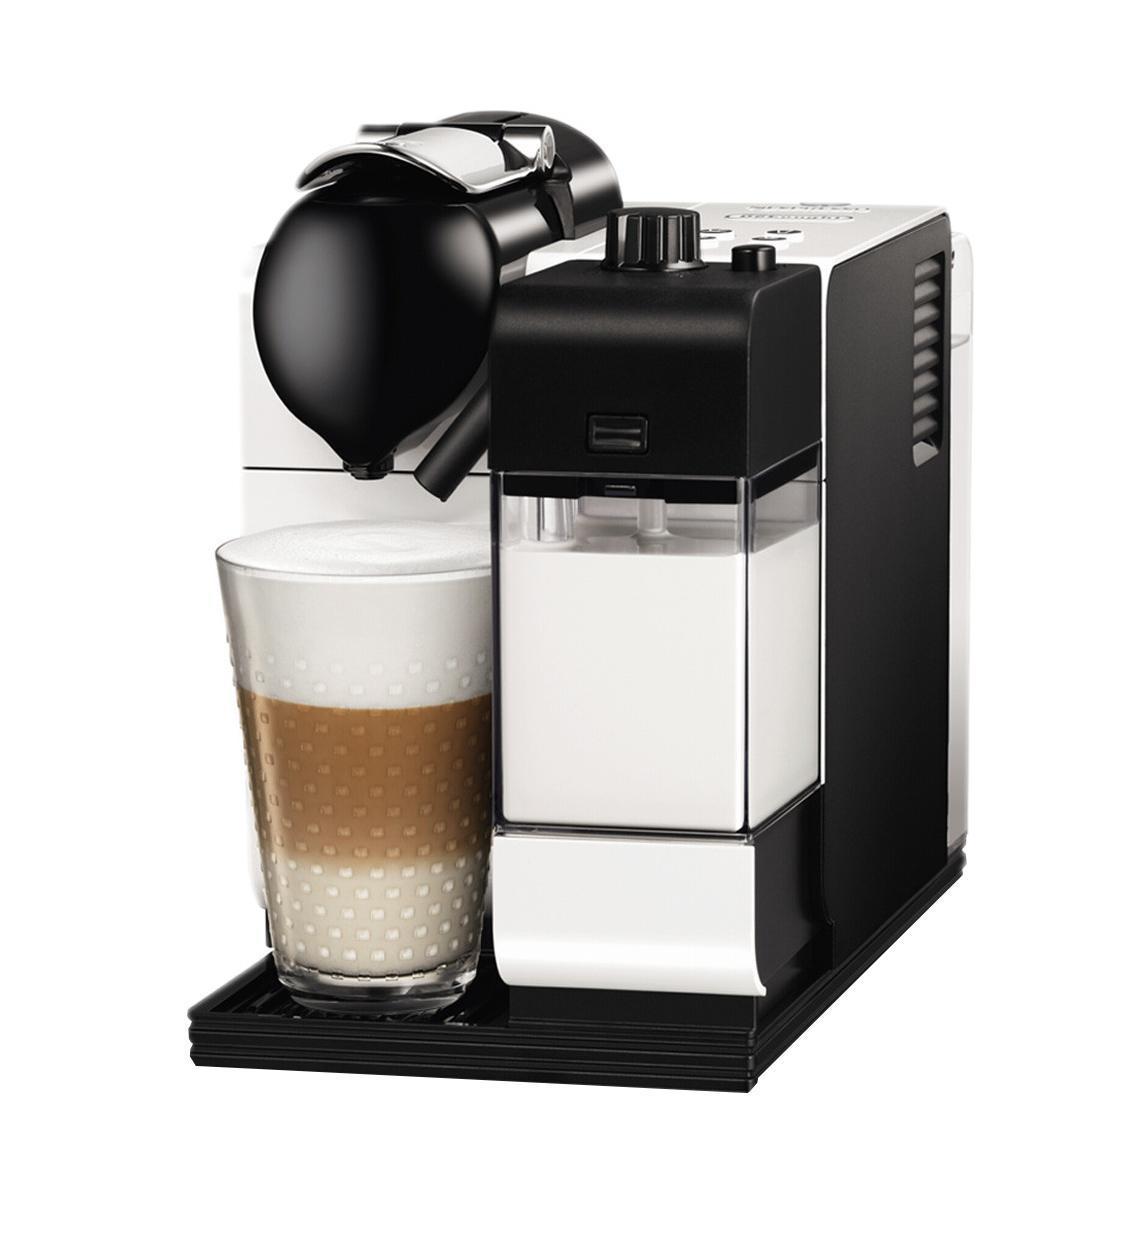 Кофеварка DelonghiКофеварки<br>Тип: эспрессо, Тип используемого кофе: капсулы, Мощность: 1300, Объем резервуара для воды: 0.9, Макс. давление: 19<br>